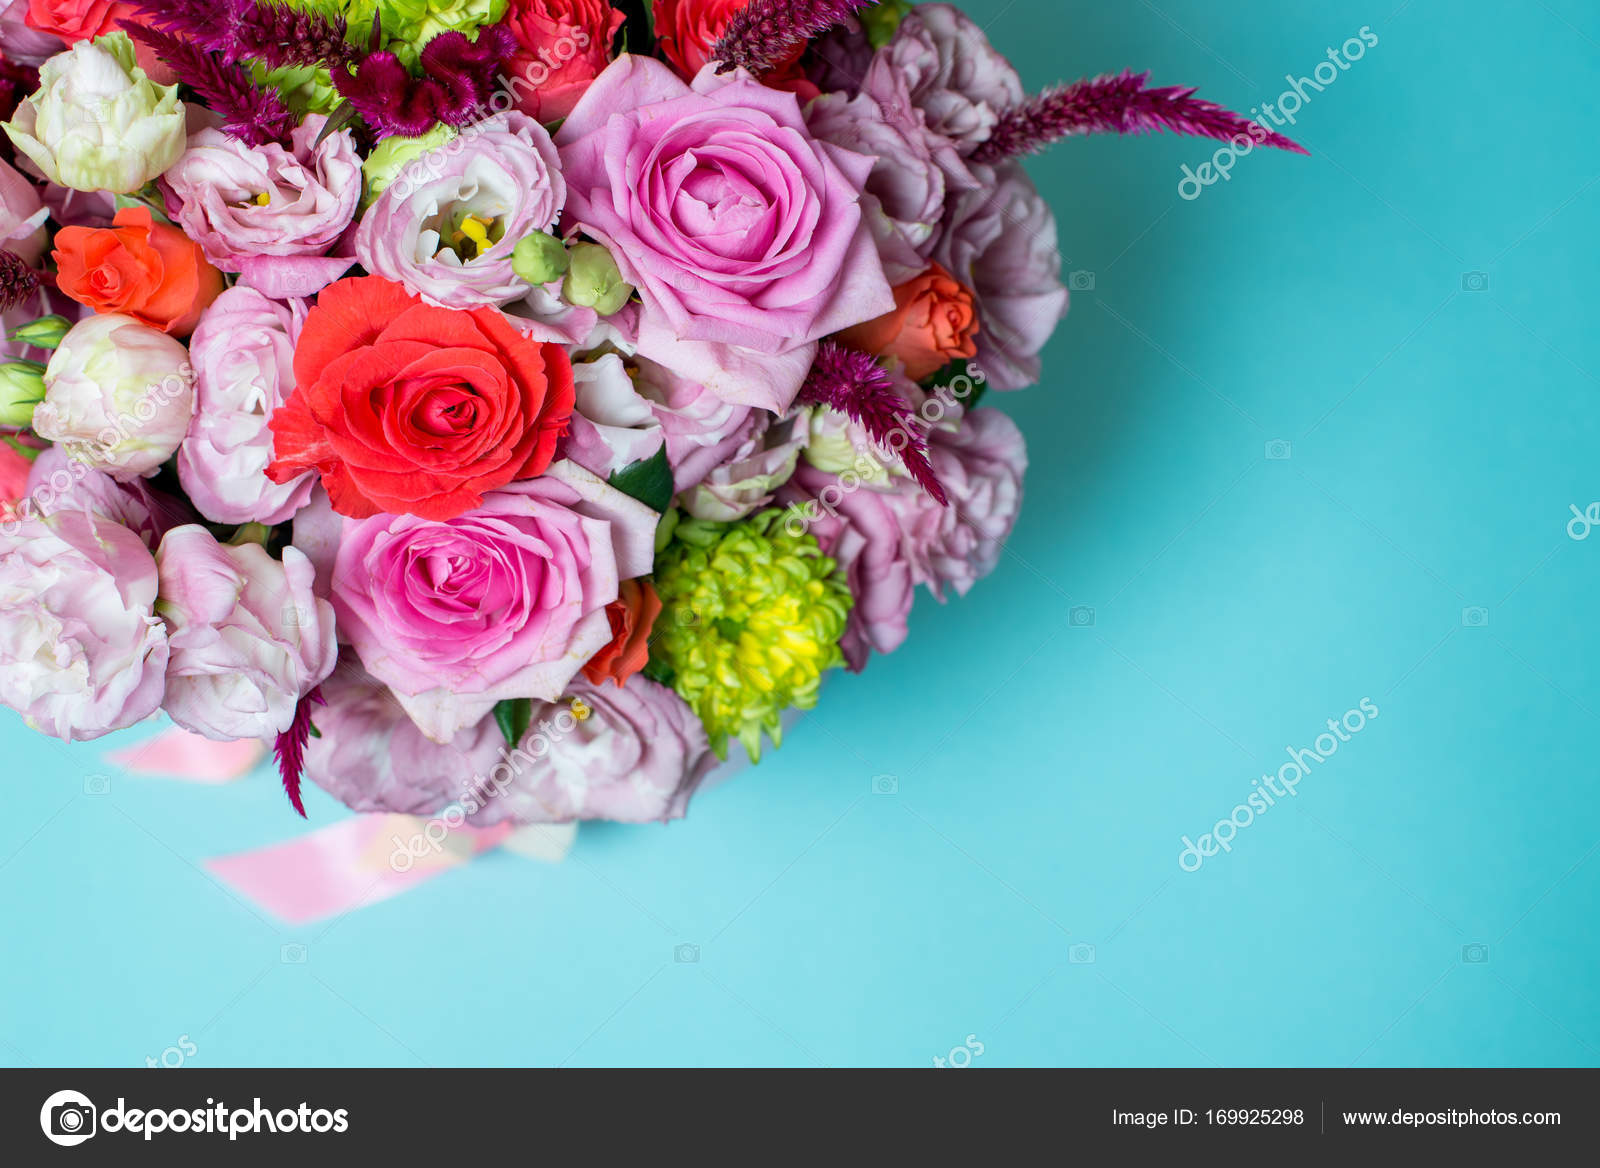 Fotos Arreglos De Rosas Azules Hermoso Arreglo Floral